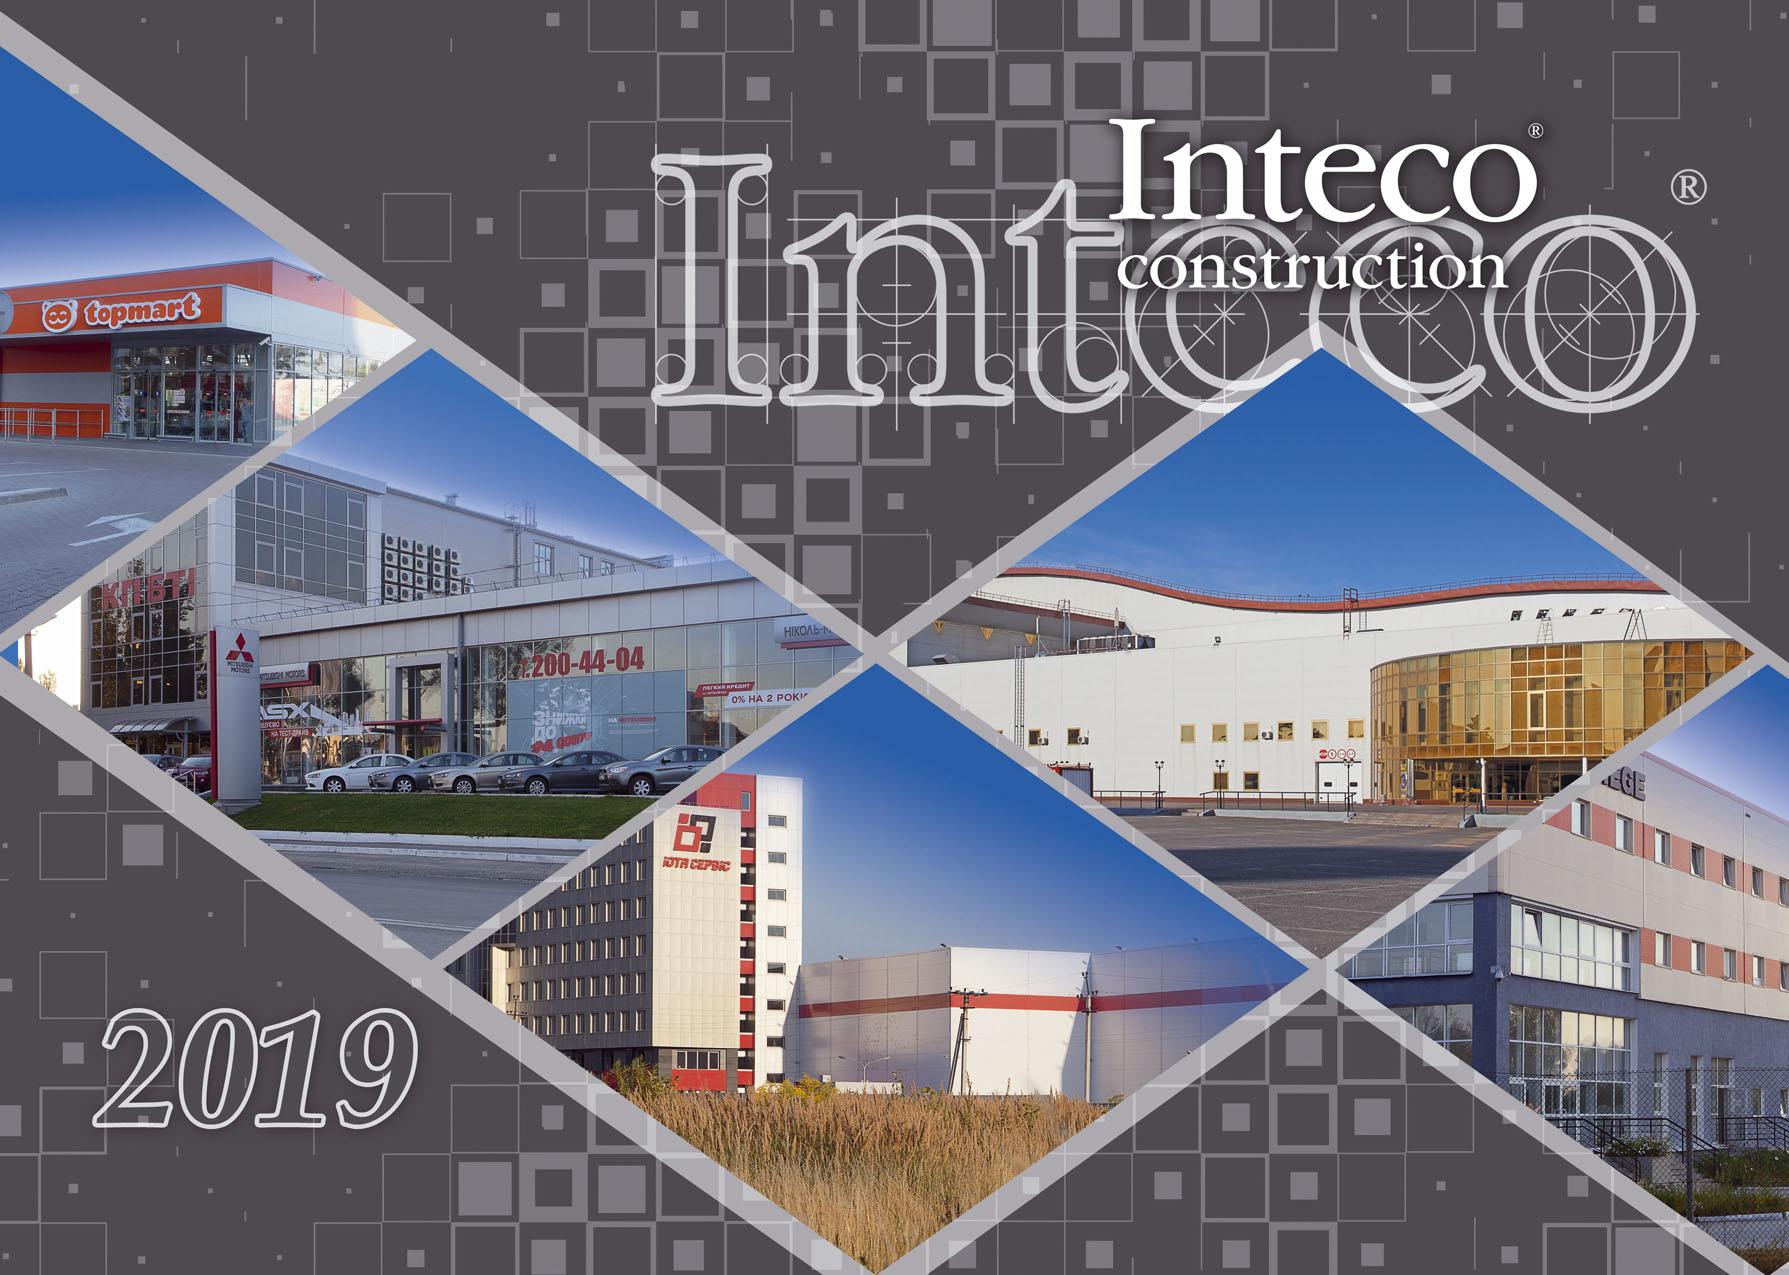 Дизайн квартального календаря Inteco 2019 вариант 06 www.makety.top